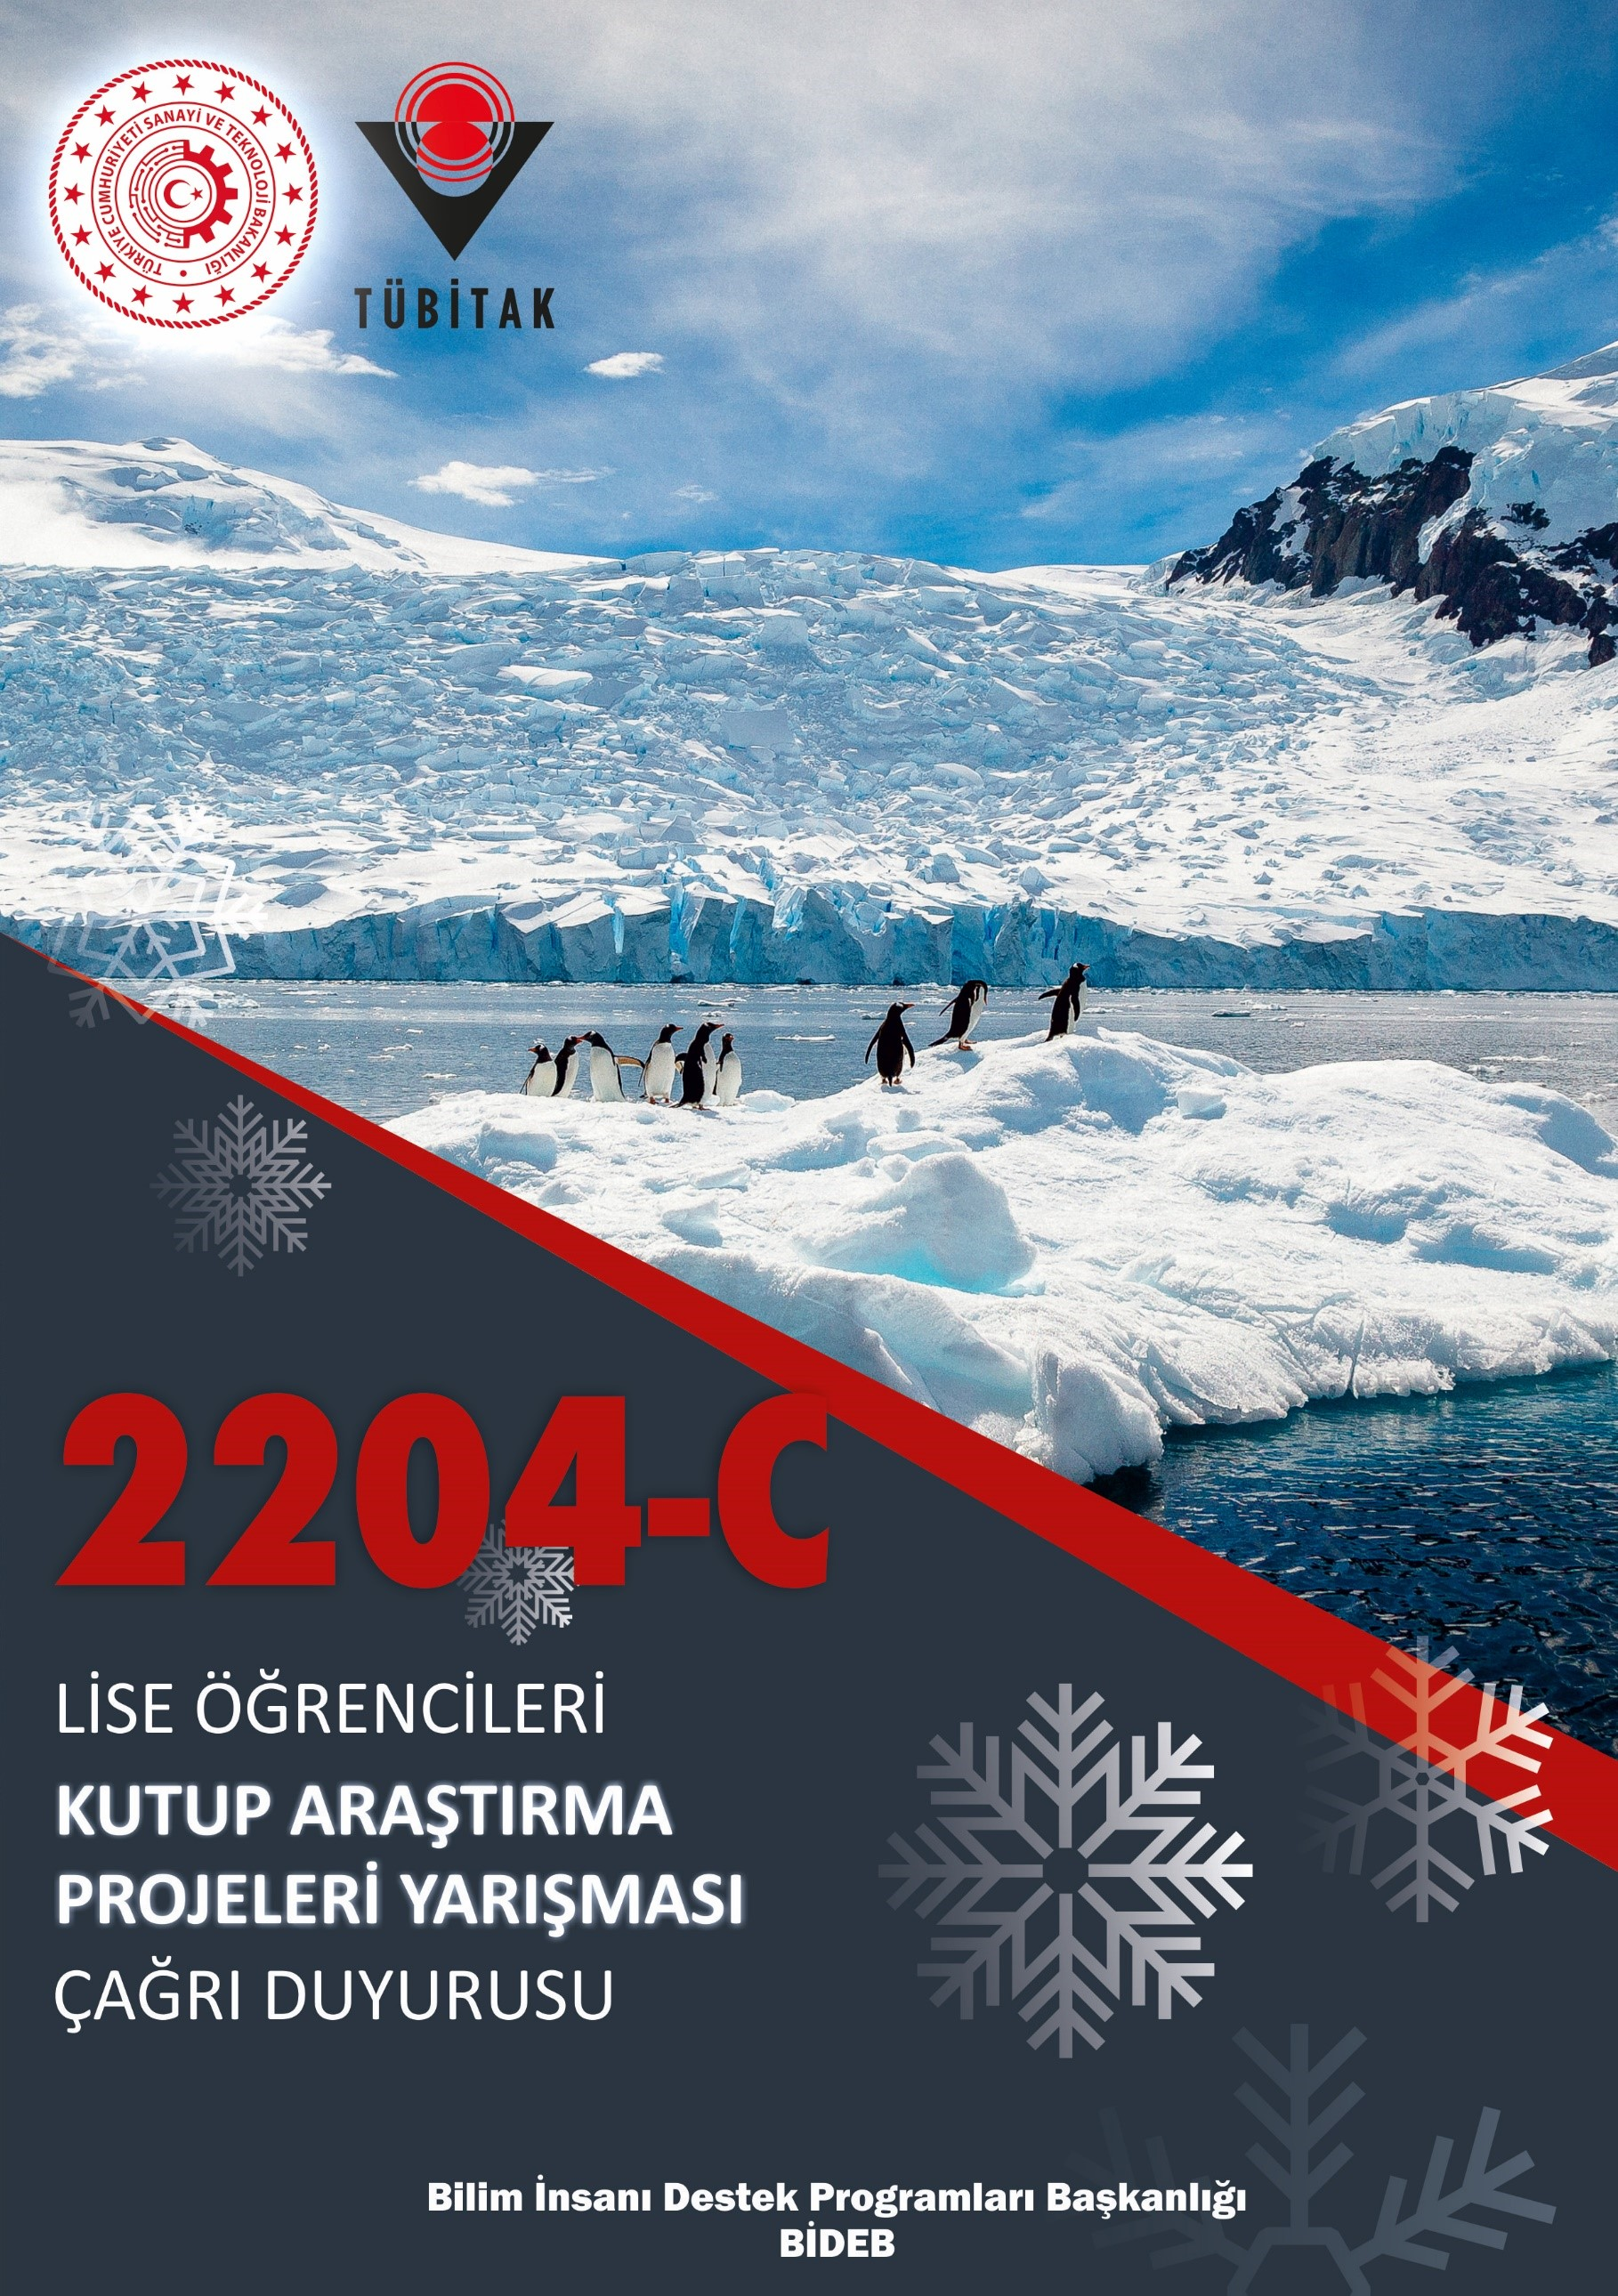 2204-C Lise Öğrencileri Kutup Araştırma Projeleri Yarışması Çağrı Duyurusu